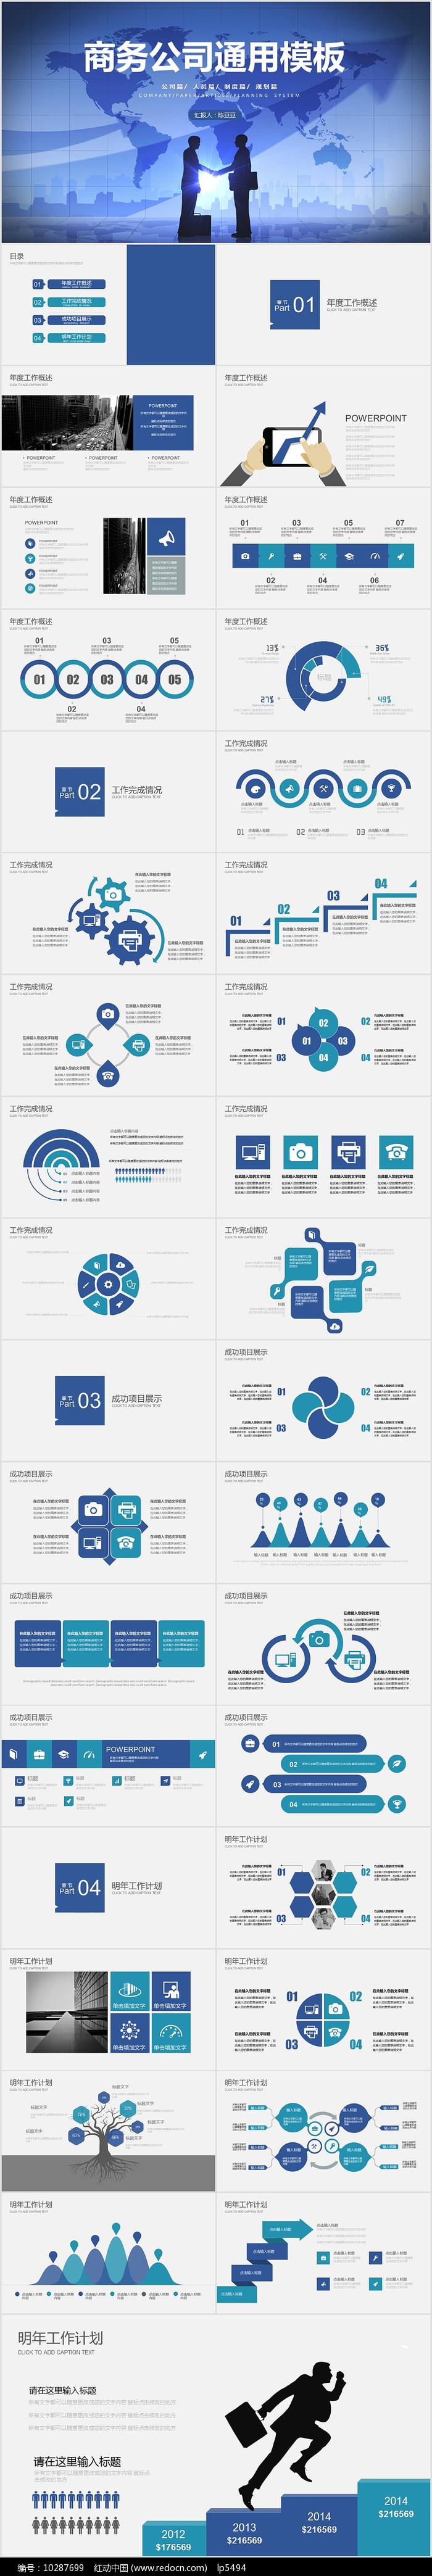 商务合作商业计划ppt模板